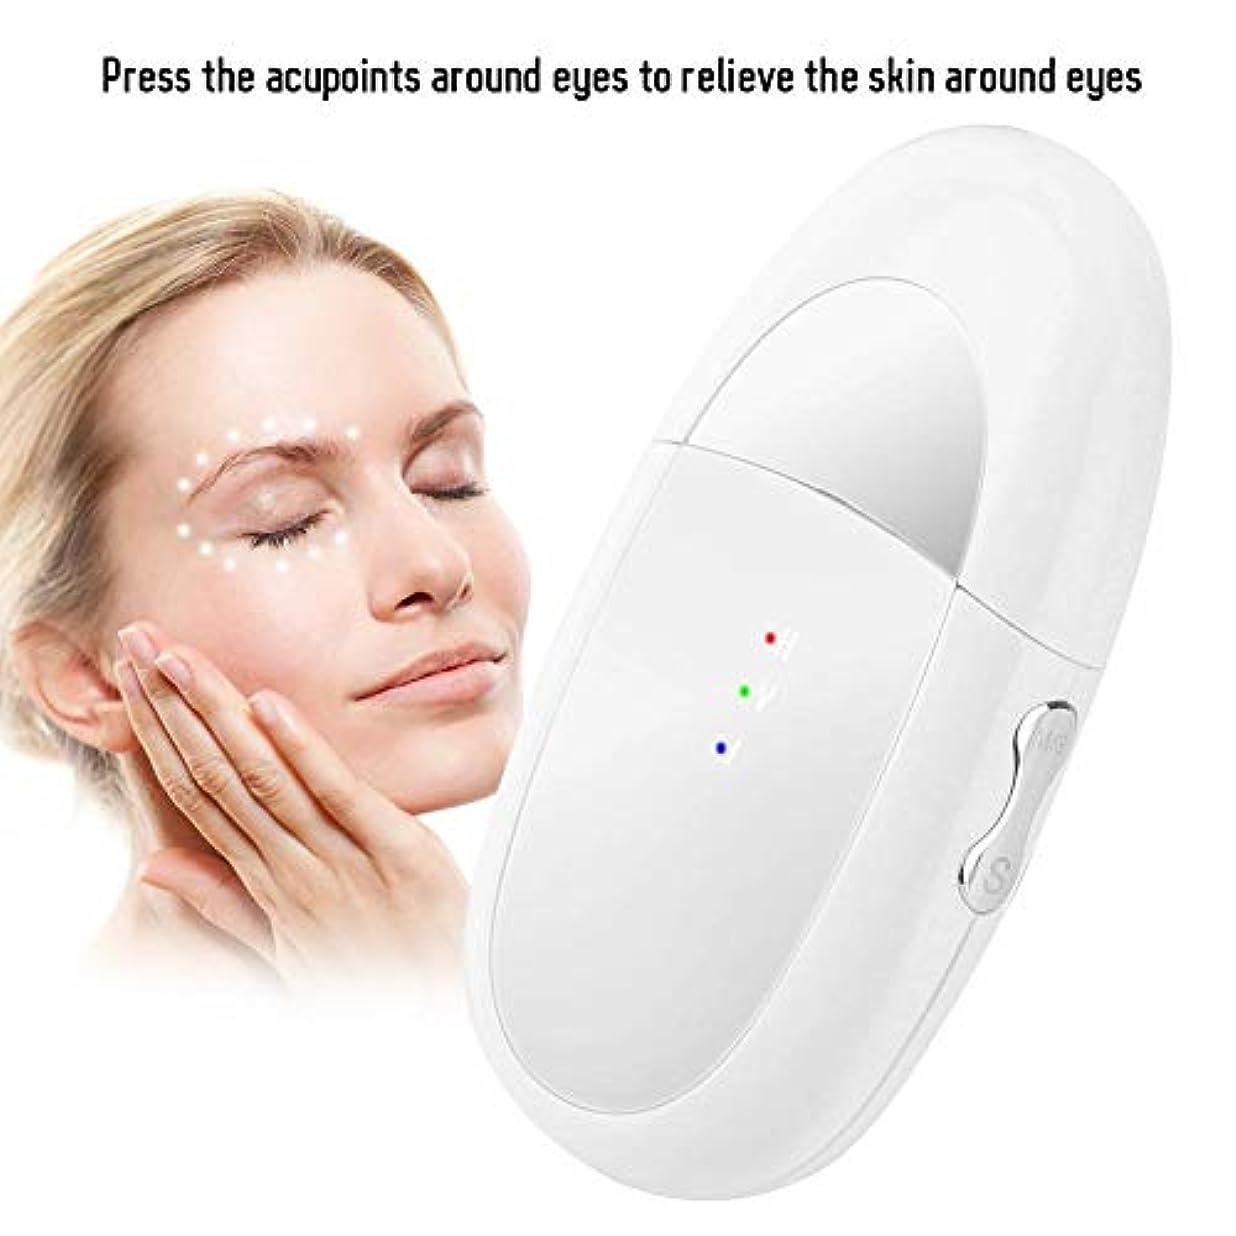 取得シンカンソファーアイマッサージャー、2 in 1 Eye&Lipマッサージャーイオンインポートバイブレーションマッサージャーは、ダークサークルとむくみを緩和しますEyes&Lips Care Device